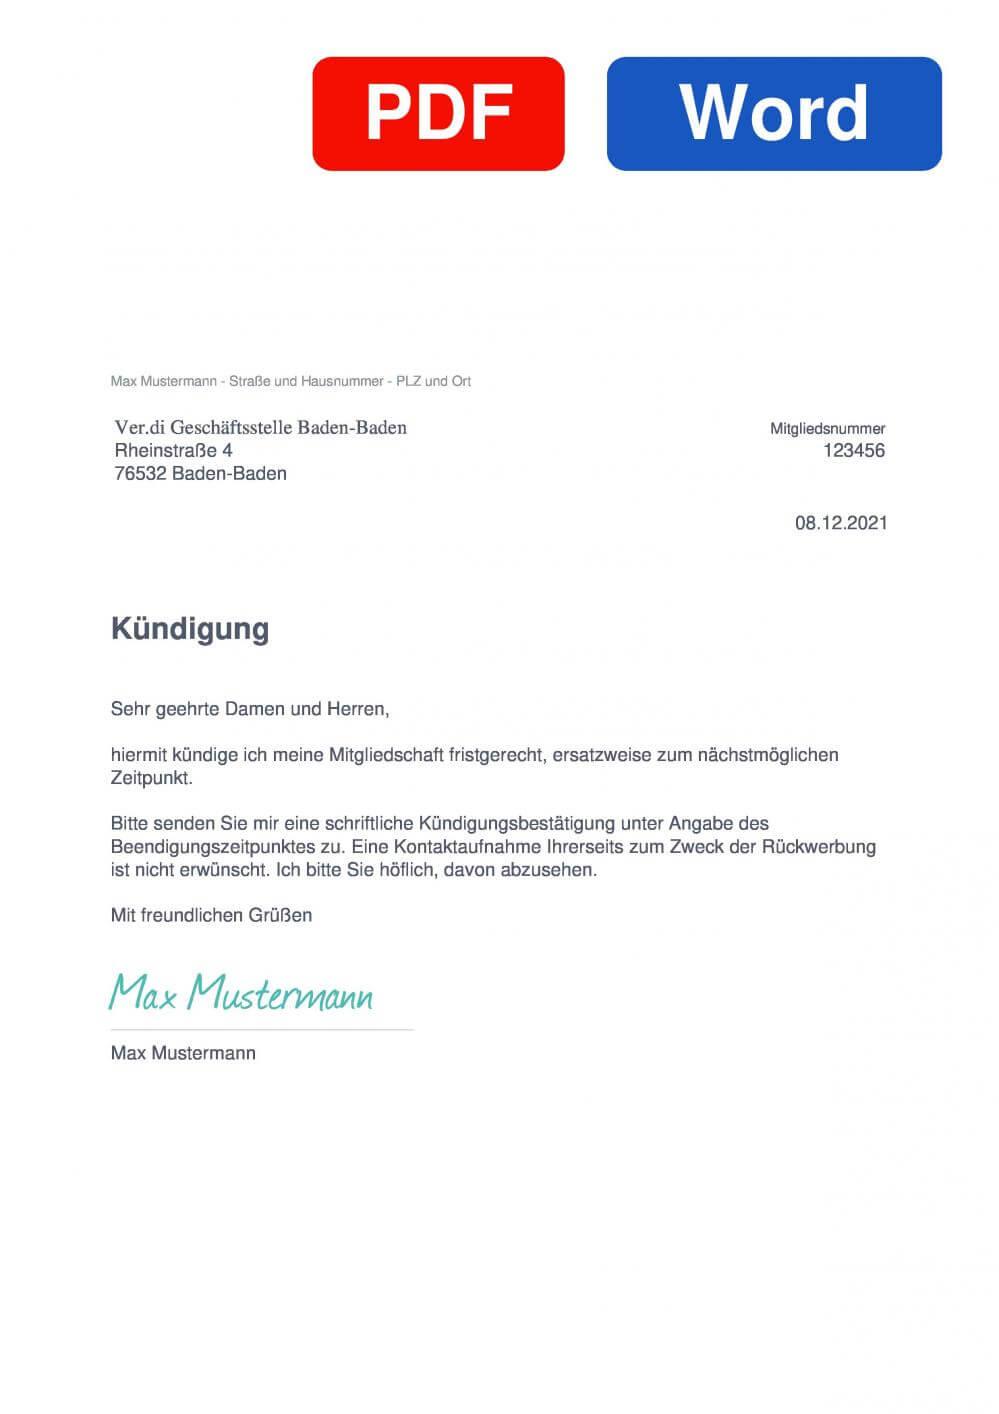 Verdi Baden-Baden Muster Vorlage für Kündigungsschreiben